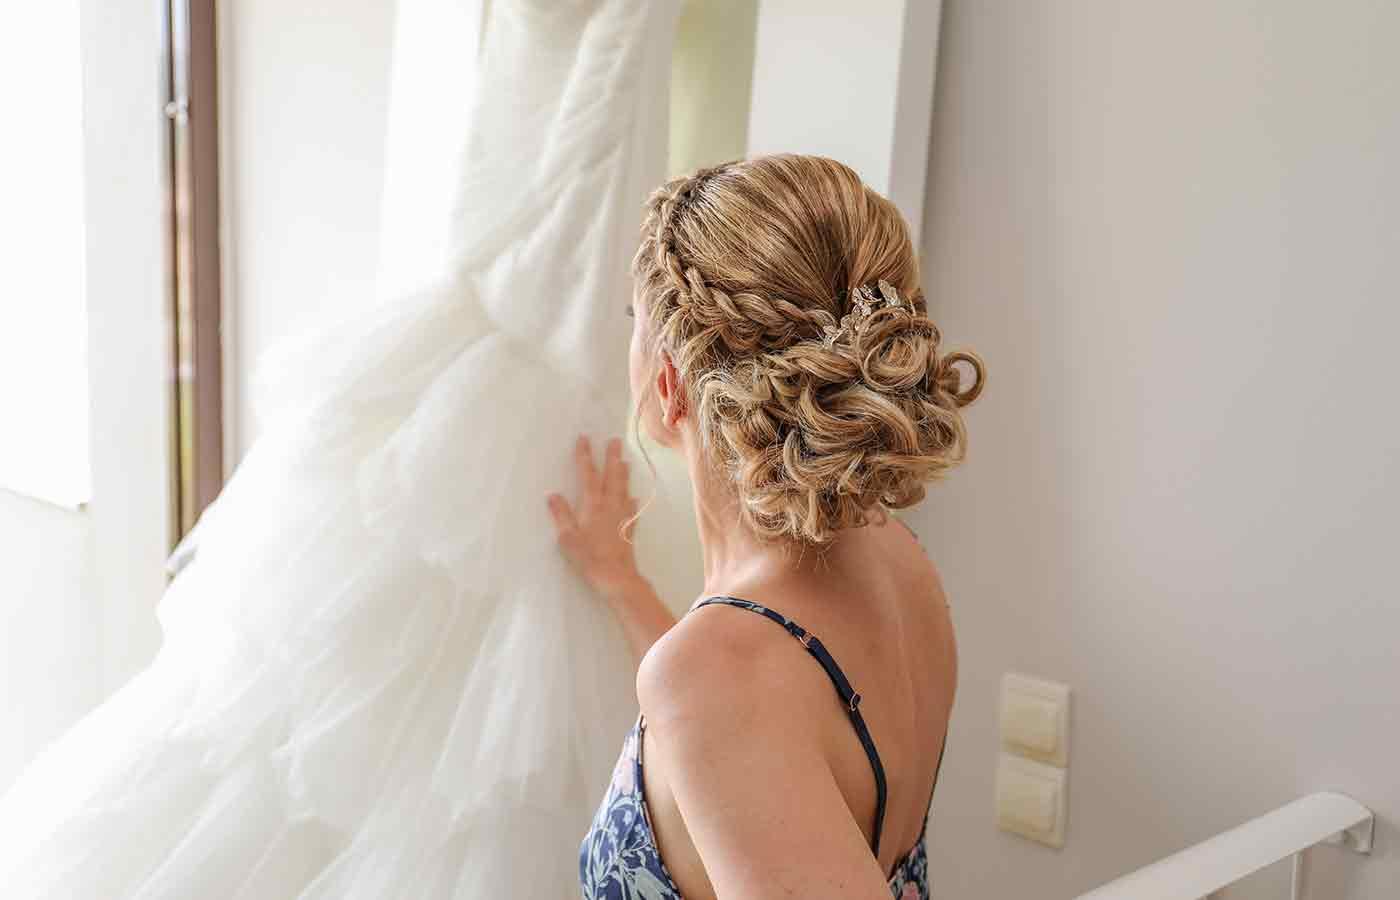 Peinado con trenzas para boda